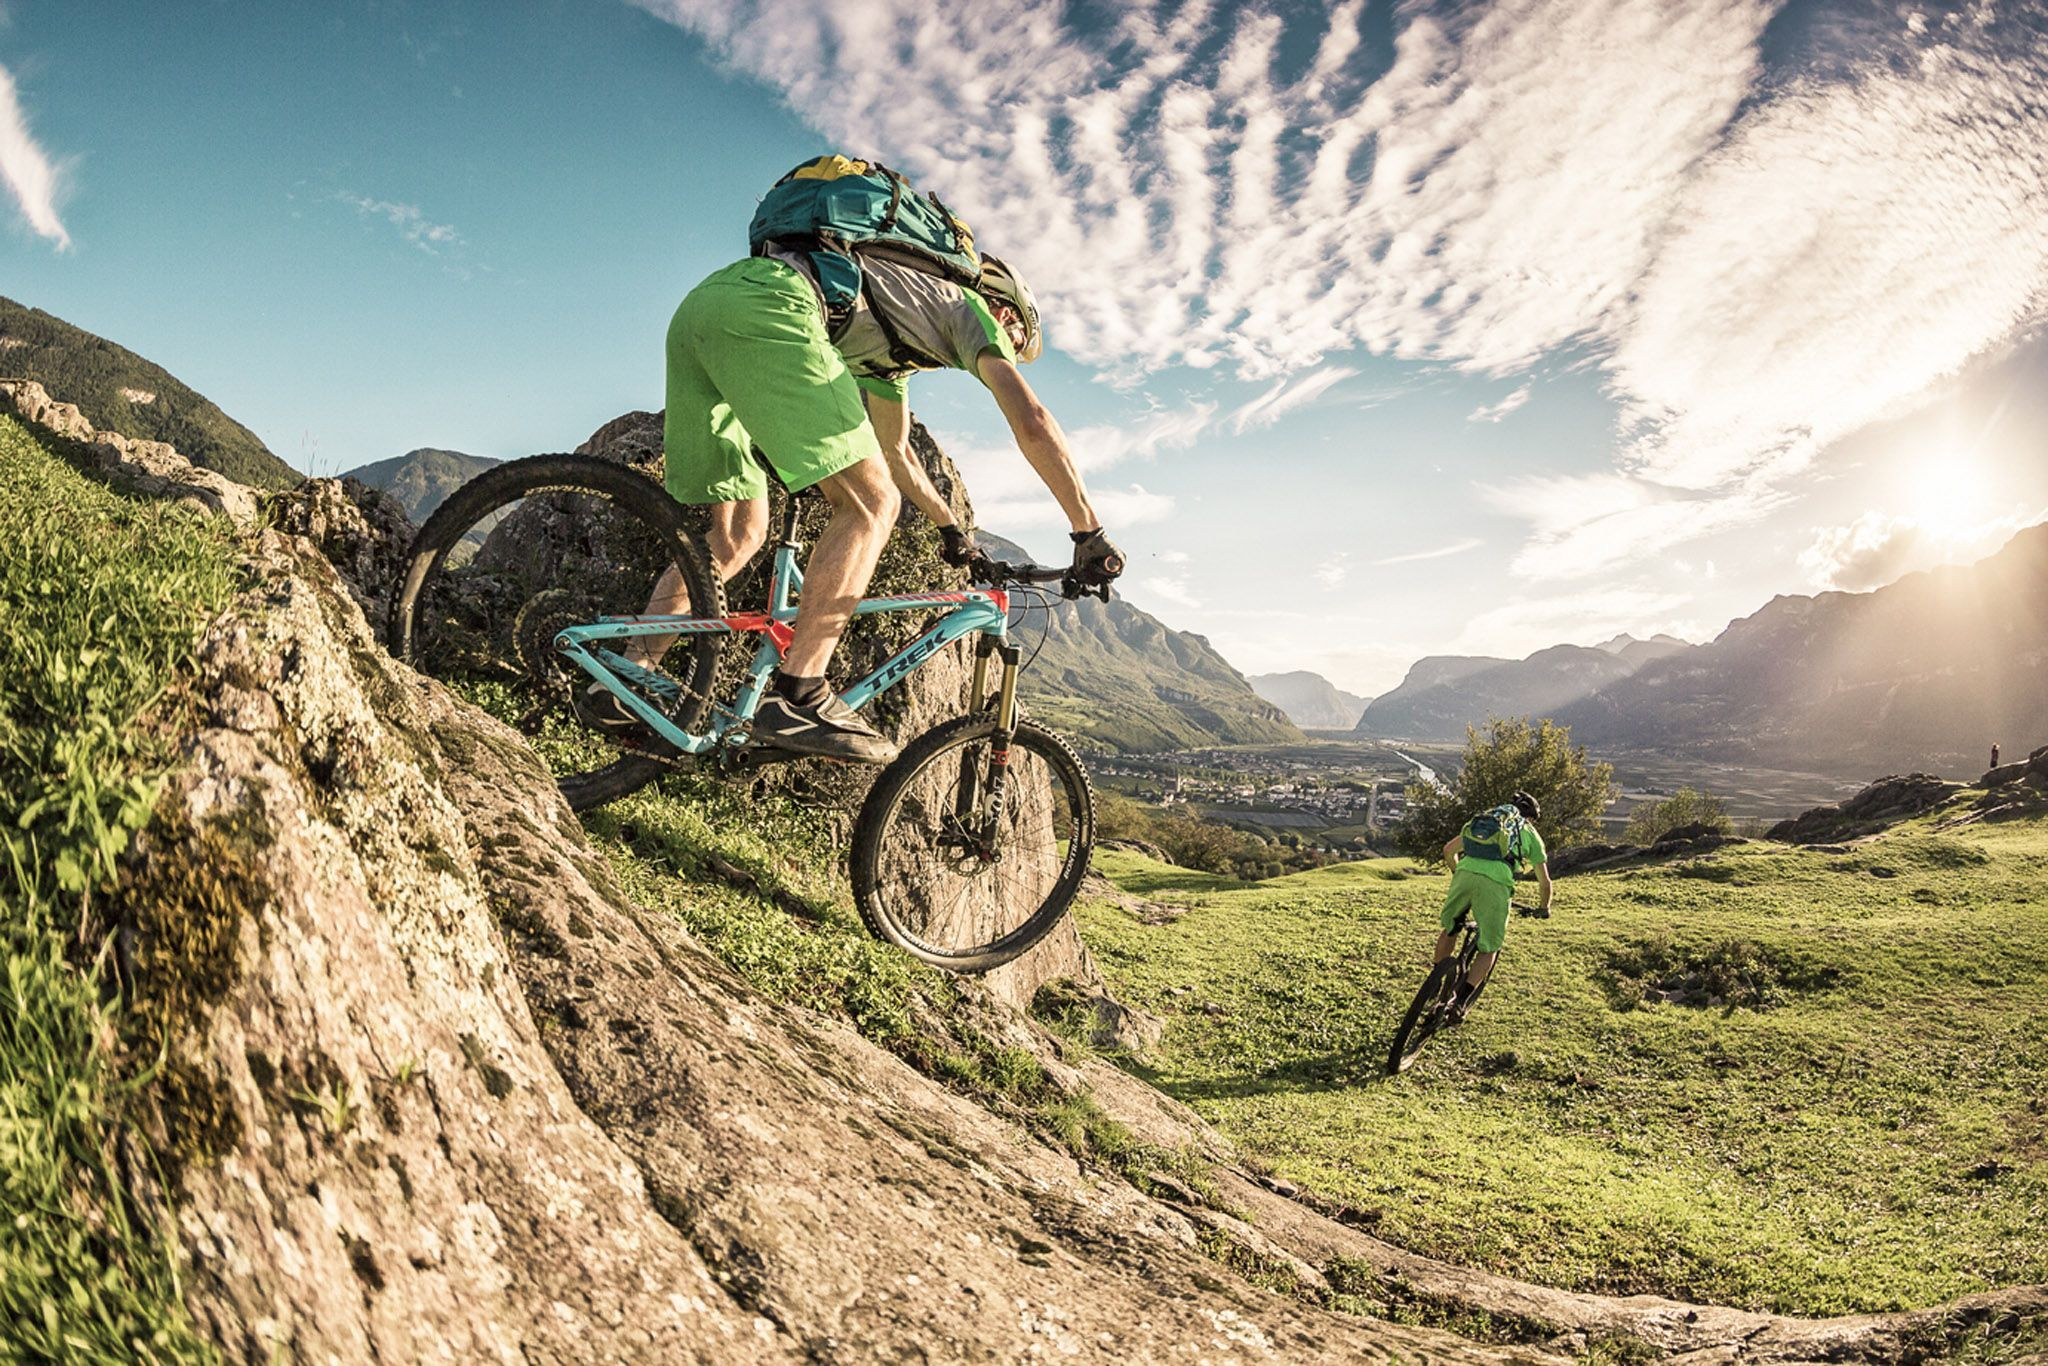 Stai cercando il divertimento sui trail?